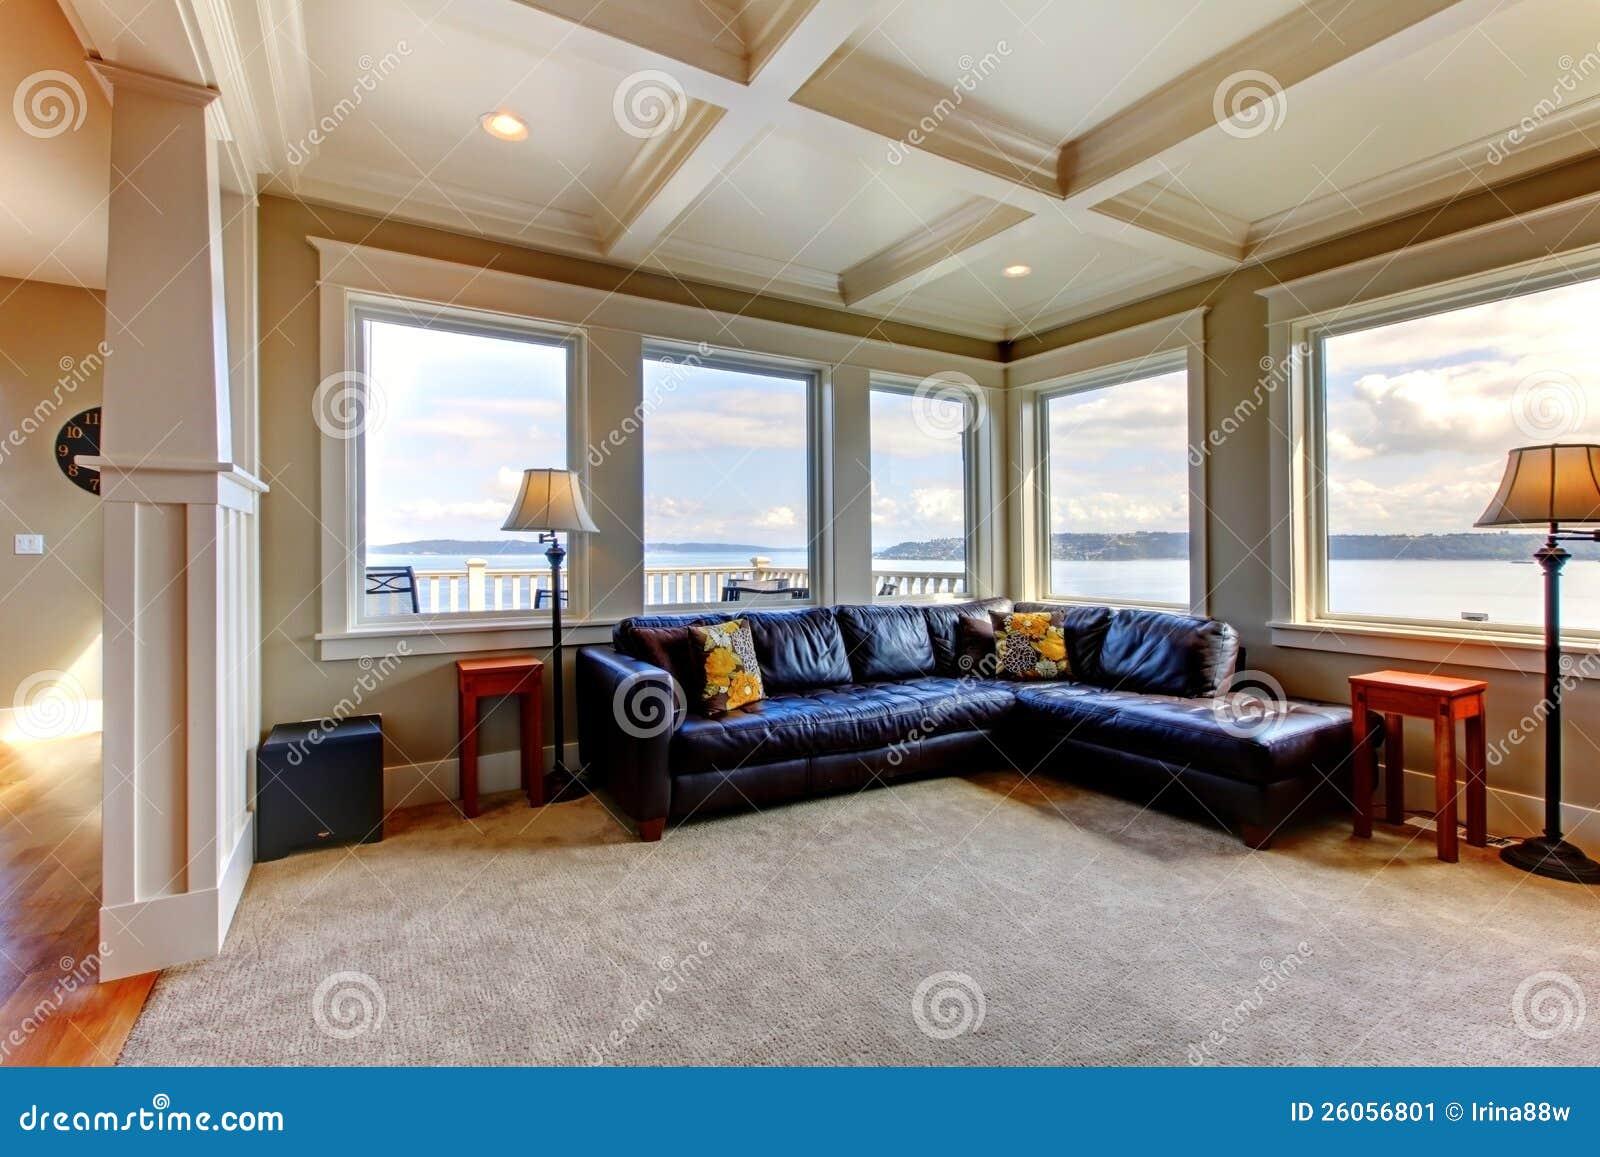 Wohnzimmer Couch Vorm Fenster Luxuxhauptwohnzimmer Mit Vielen Fenstern Und Blauen Sofa